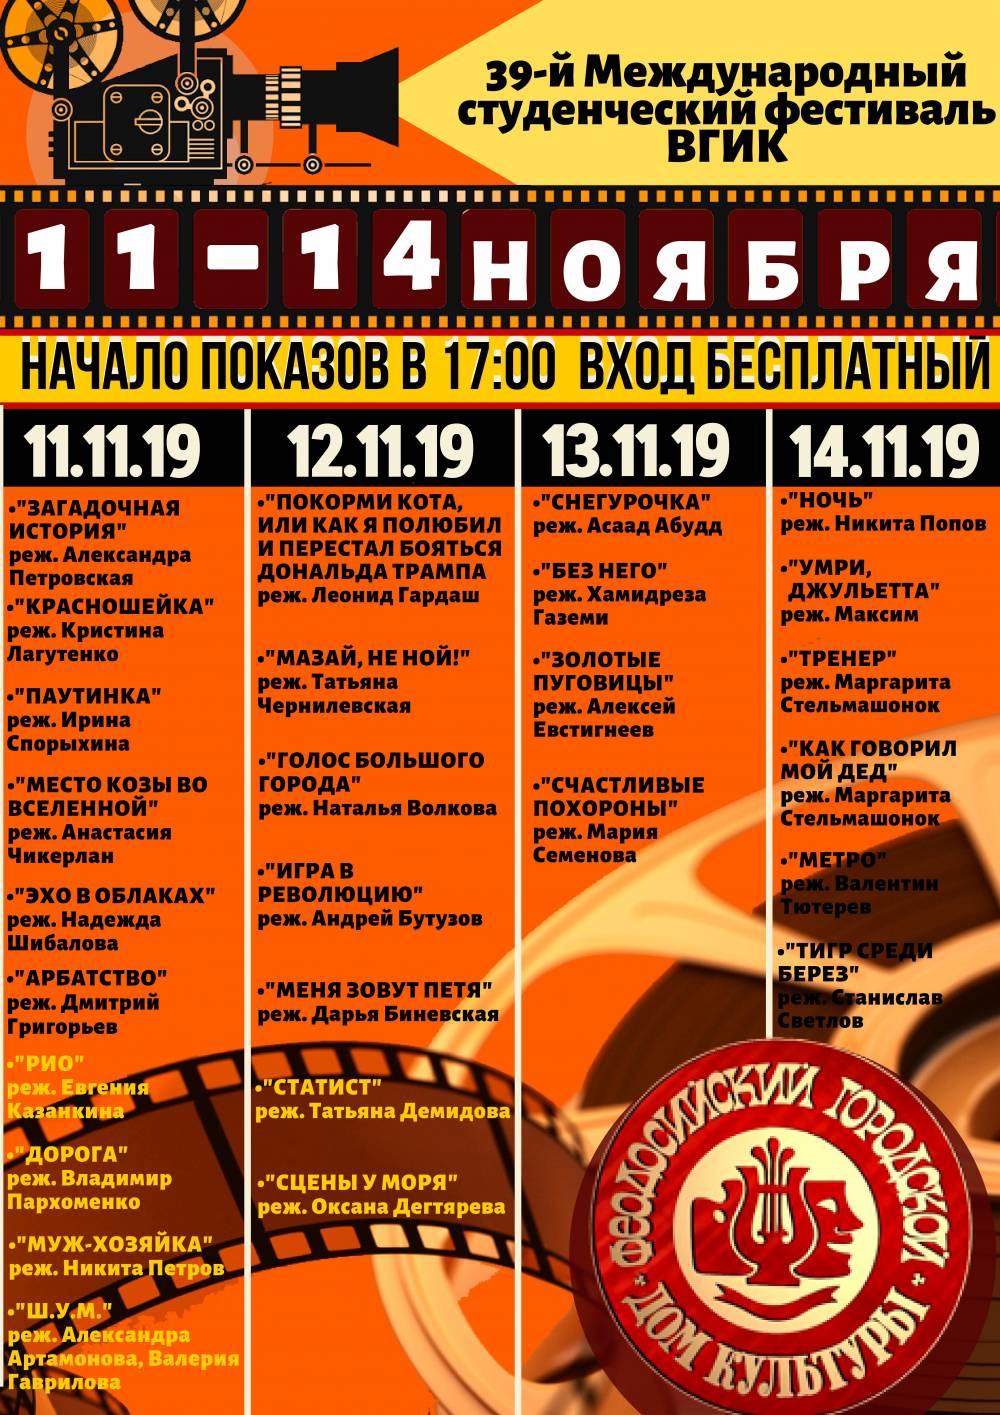 Афиша 39-го Международного студенческого фестиваля ВГИК